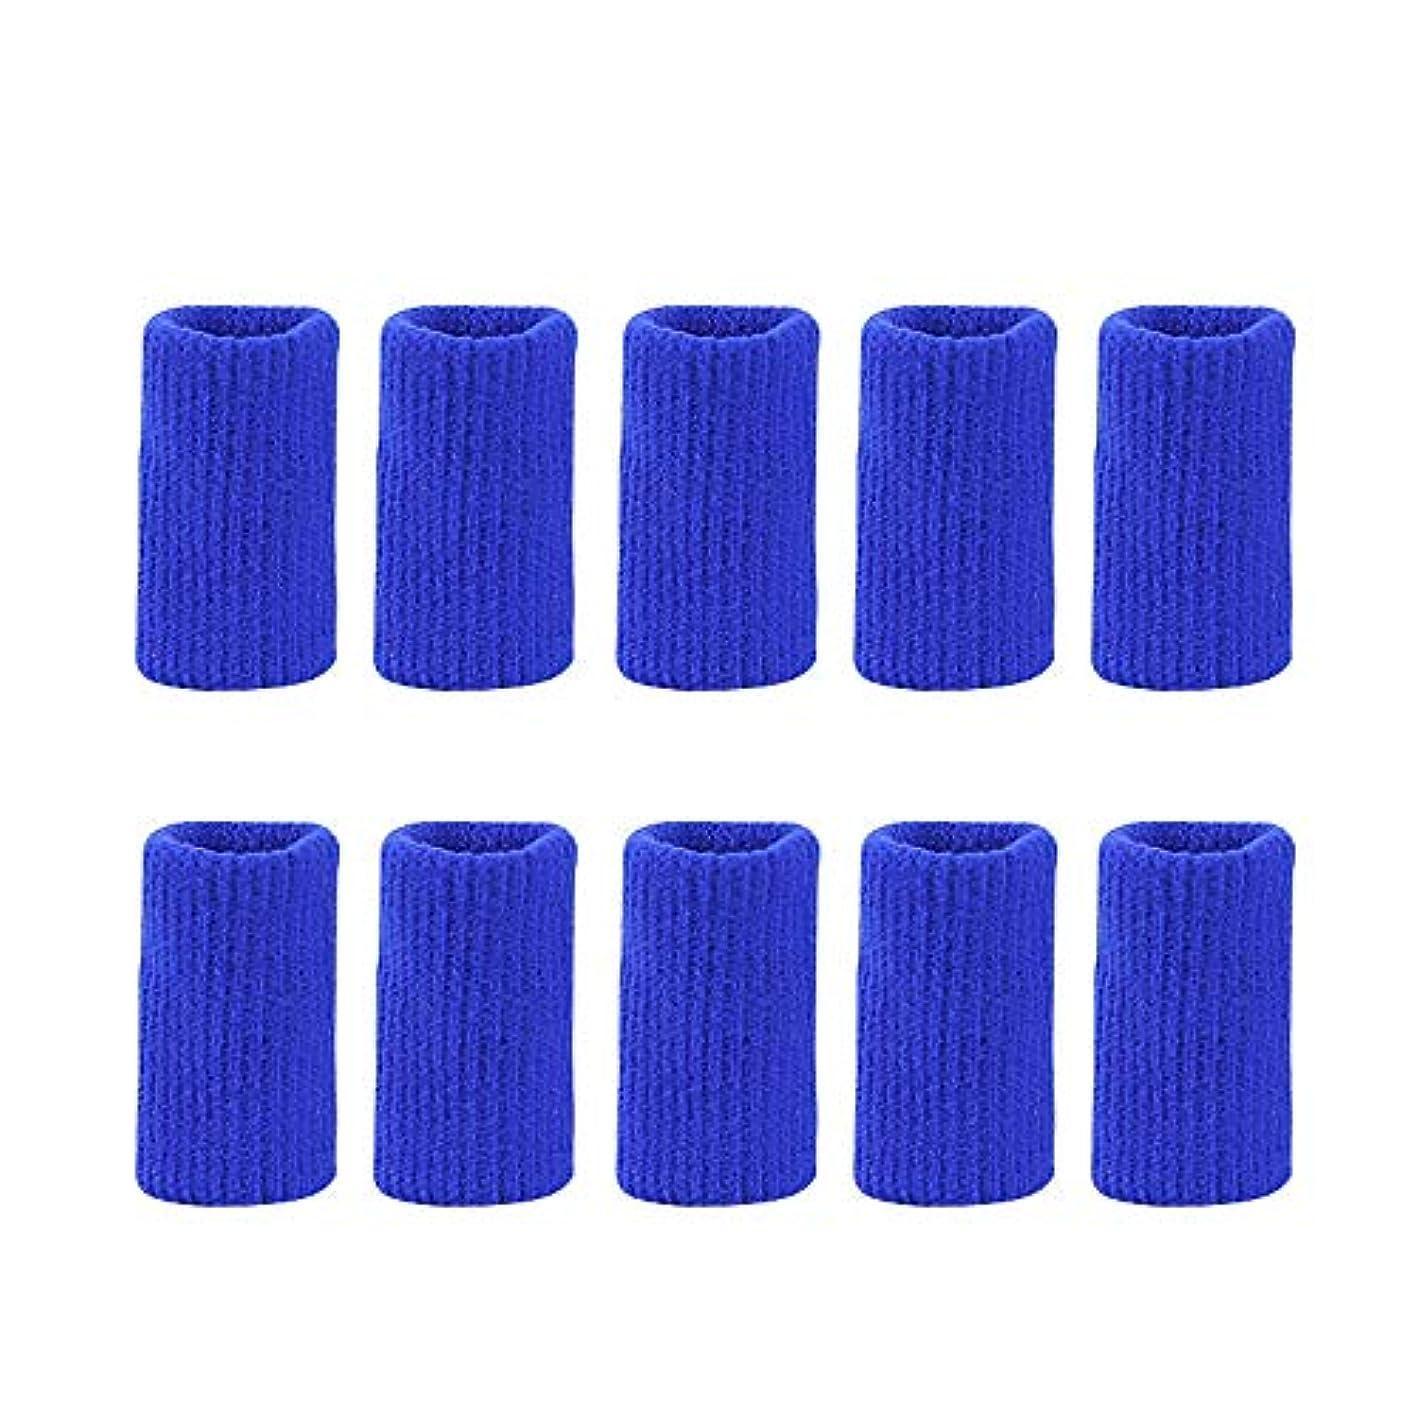 信頼性のある一般化する列挙するフィンガープロテクタースリーブナイロンニットフィンガージョイントカバー防止摩擦関節炎伸縮サポートスポーツ補助バスケットボールフィンガーガード,ブルー